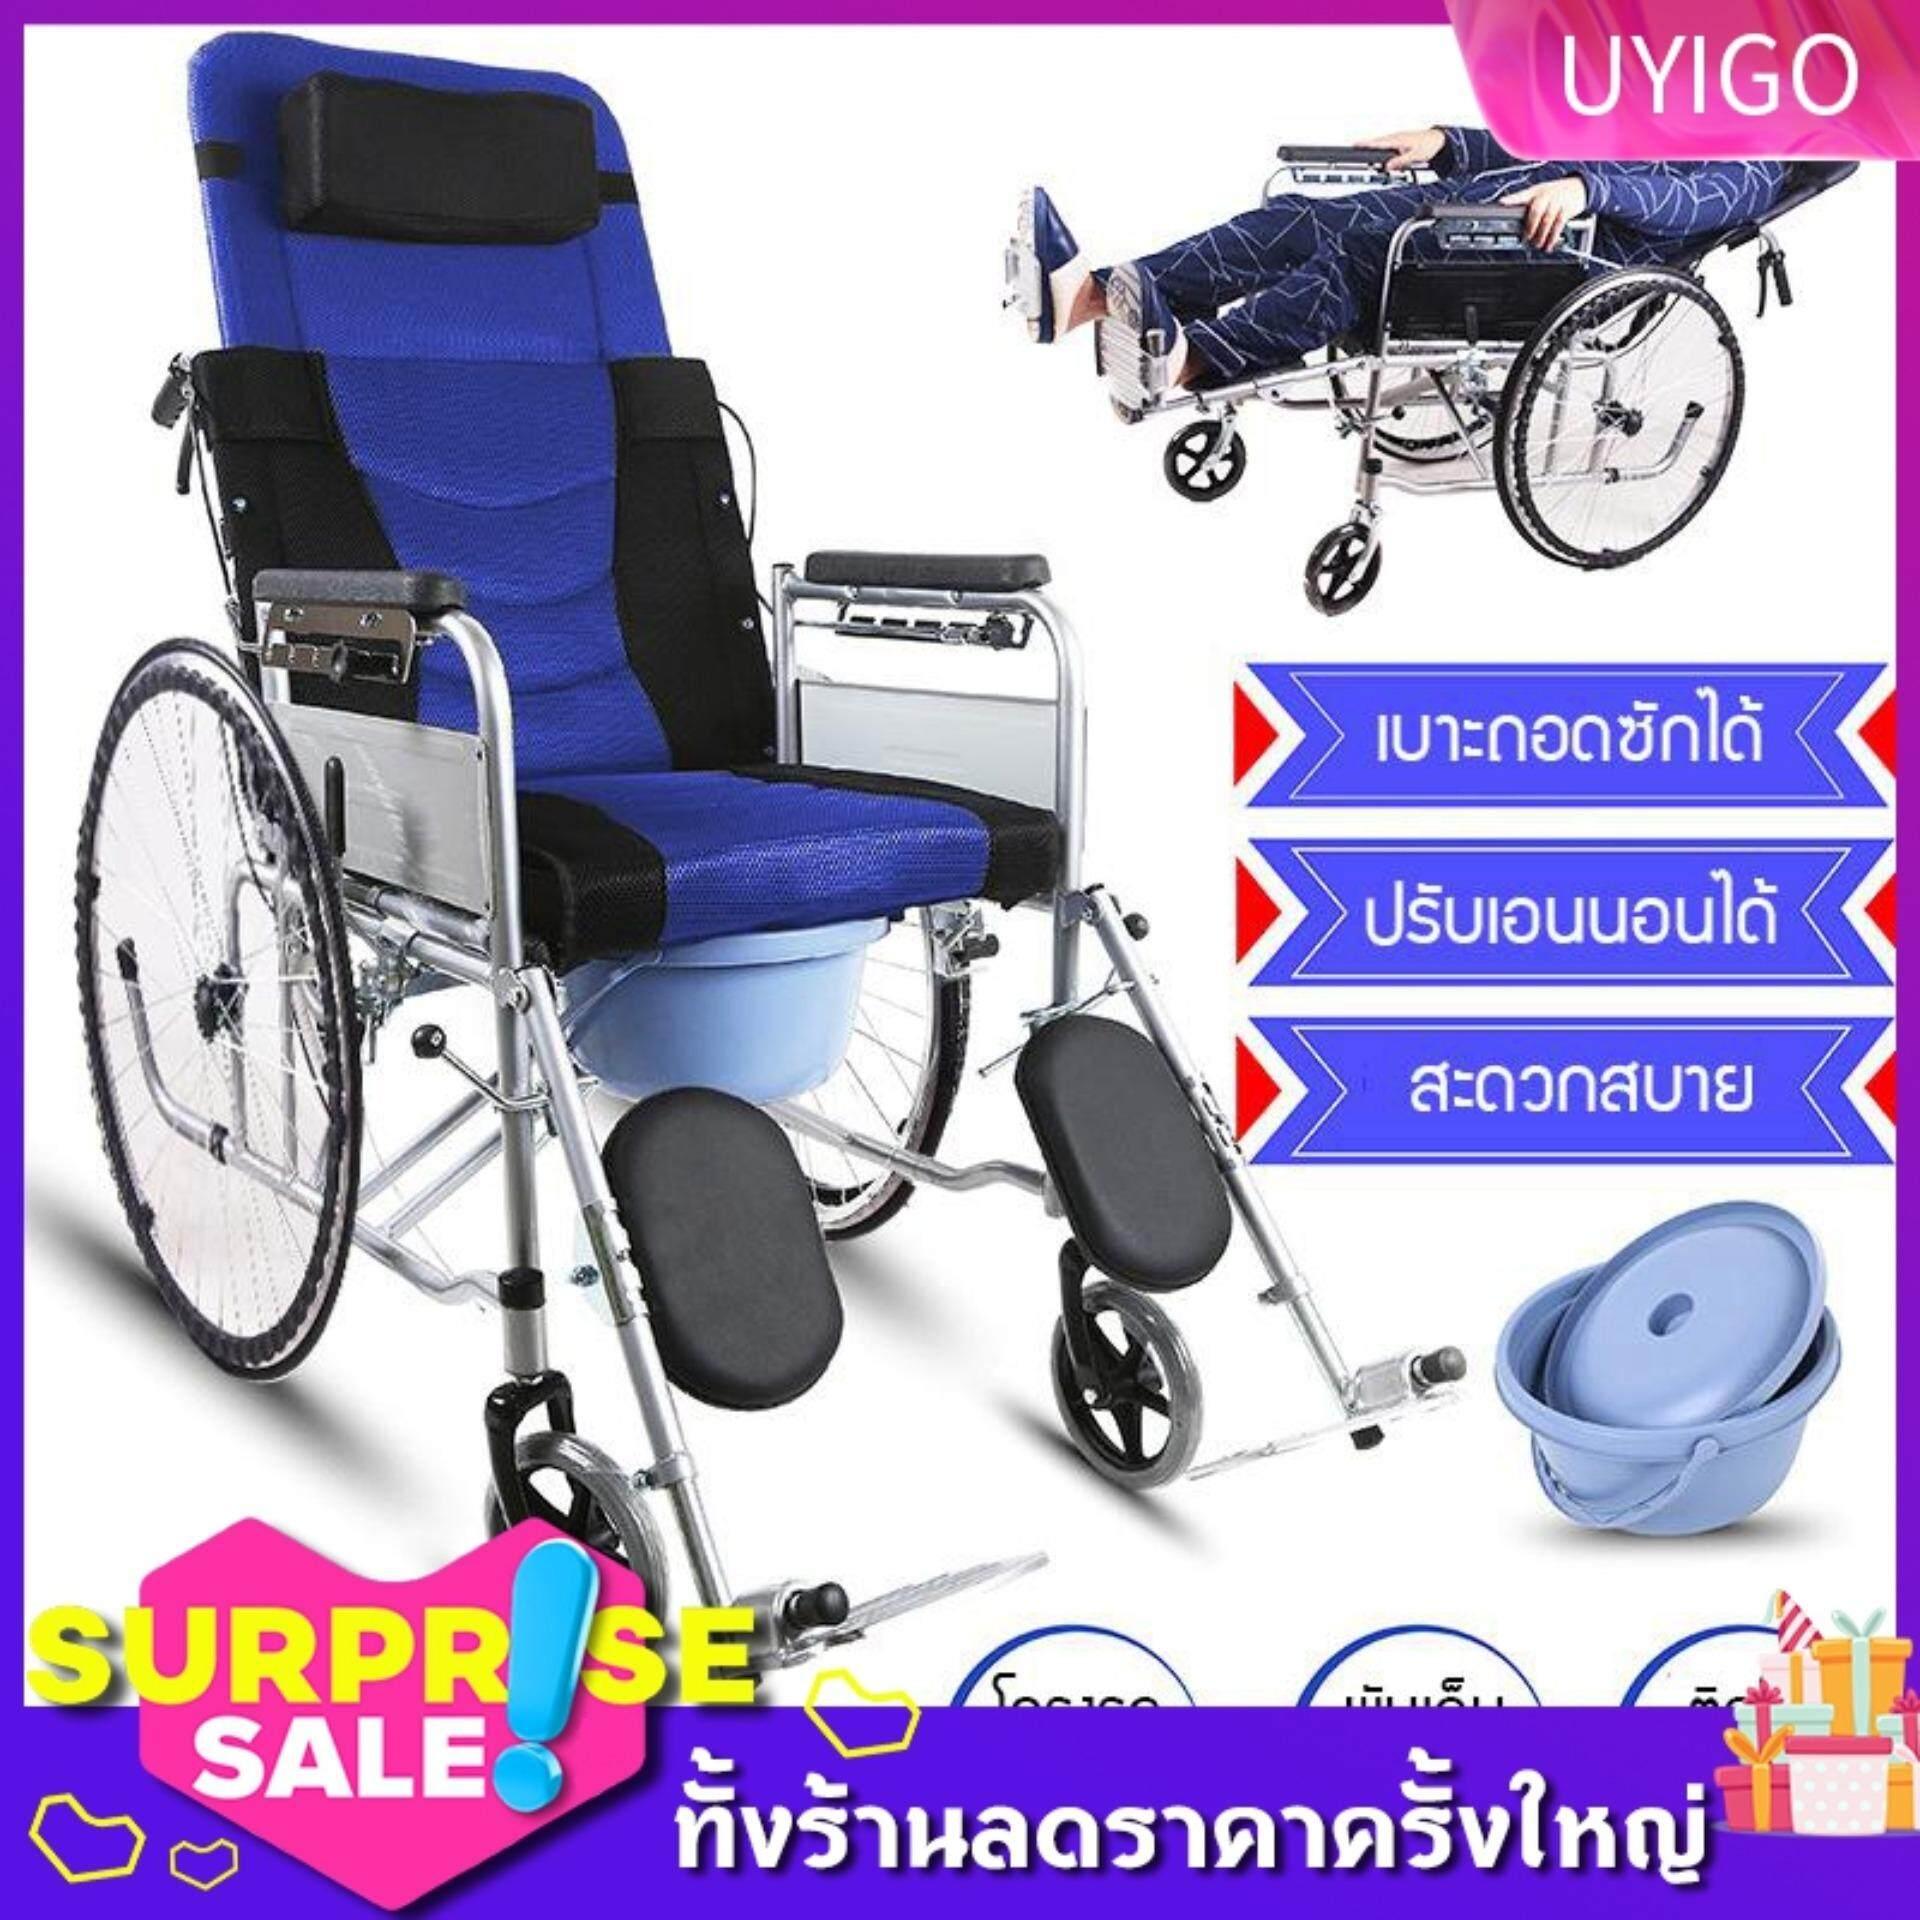 ขายดีมาก! เก้าอี้รถเข็น เก้าอี้รถเข็นปรับนอนได้ Wheelchair เบาะรังผึ้งสีน้ำเงิน เหมาะสำหรับผู้สูงอายุ ผู้ป่วย คนพิการ พับเก็บได้ ปรับได้ 6 ระดับ แข็งเเรง